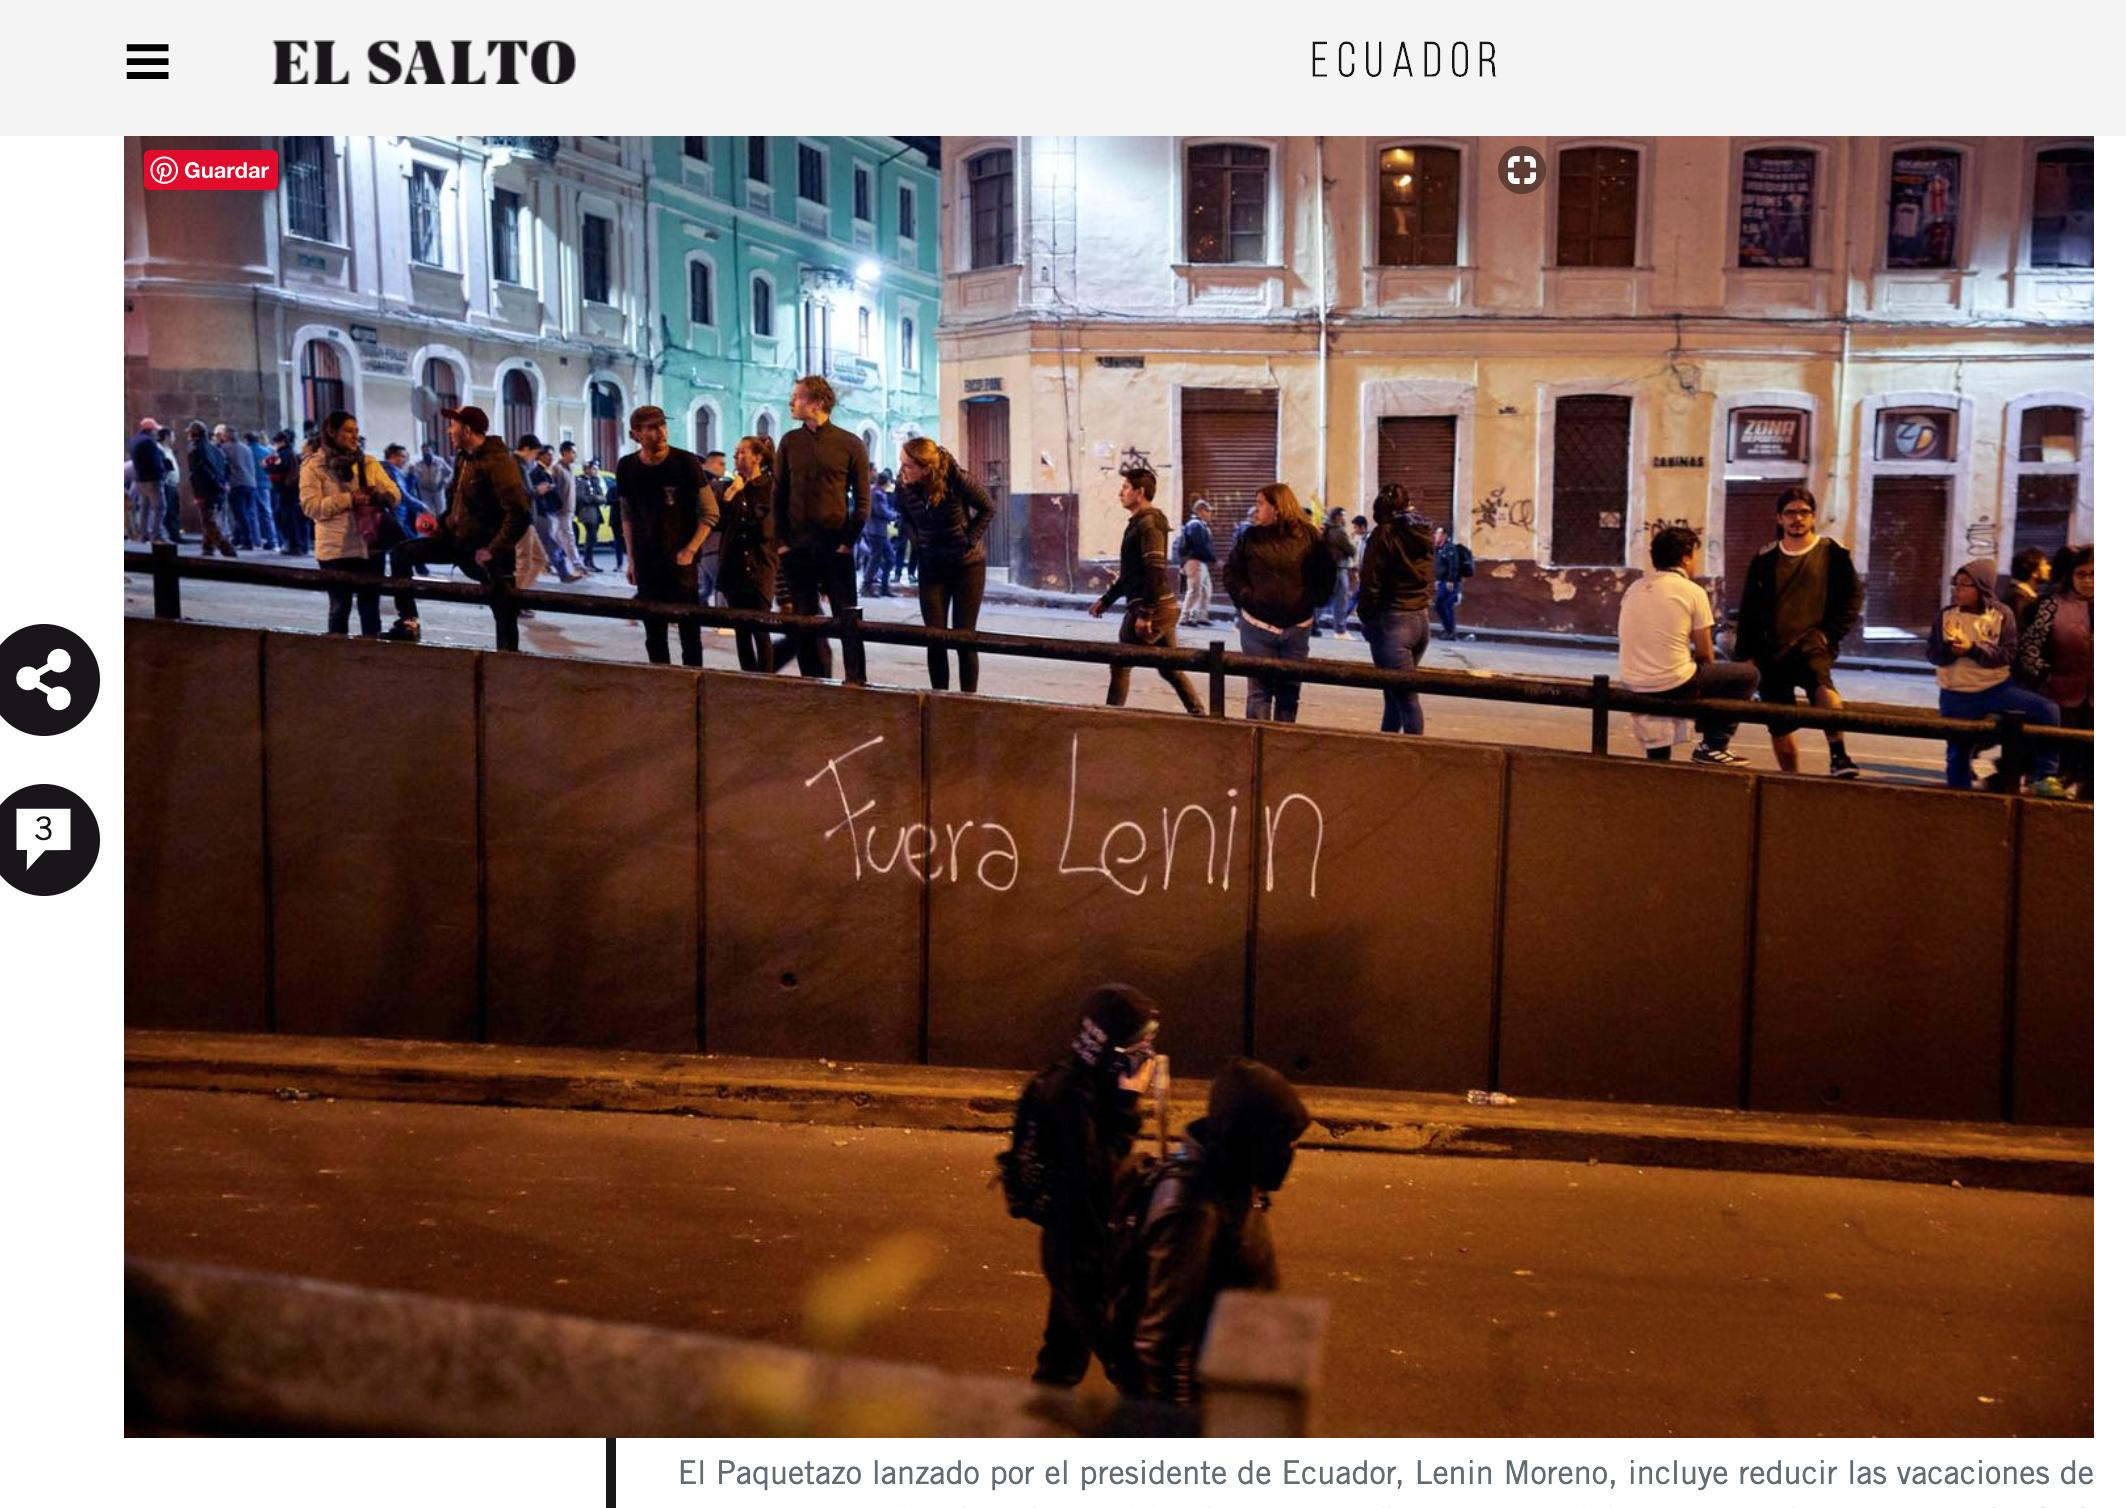 EL SALTO - 2019 - Publication - web + print